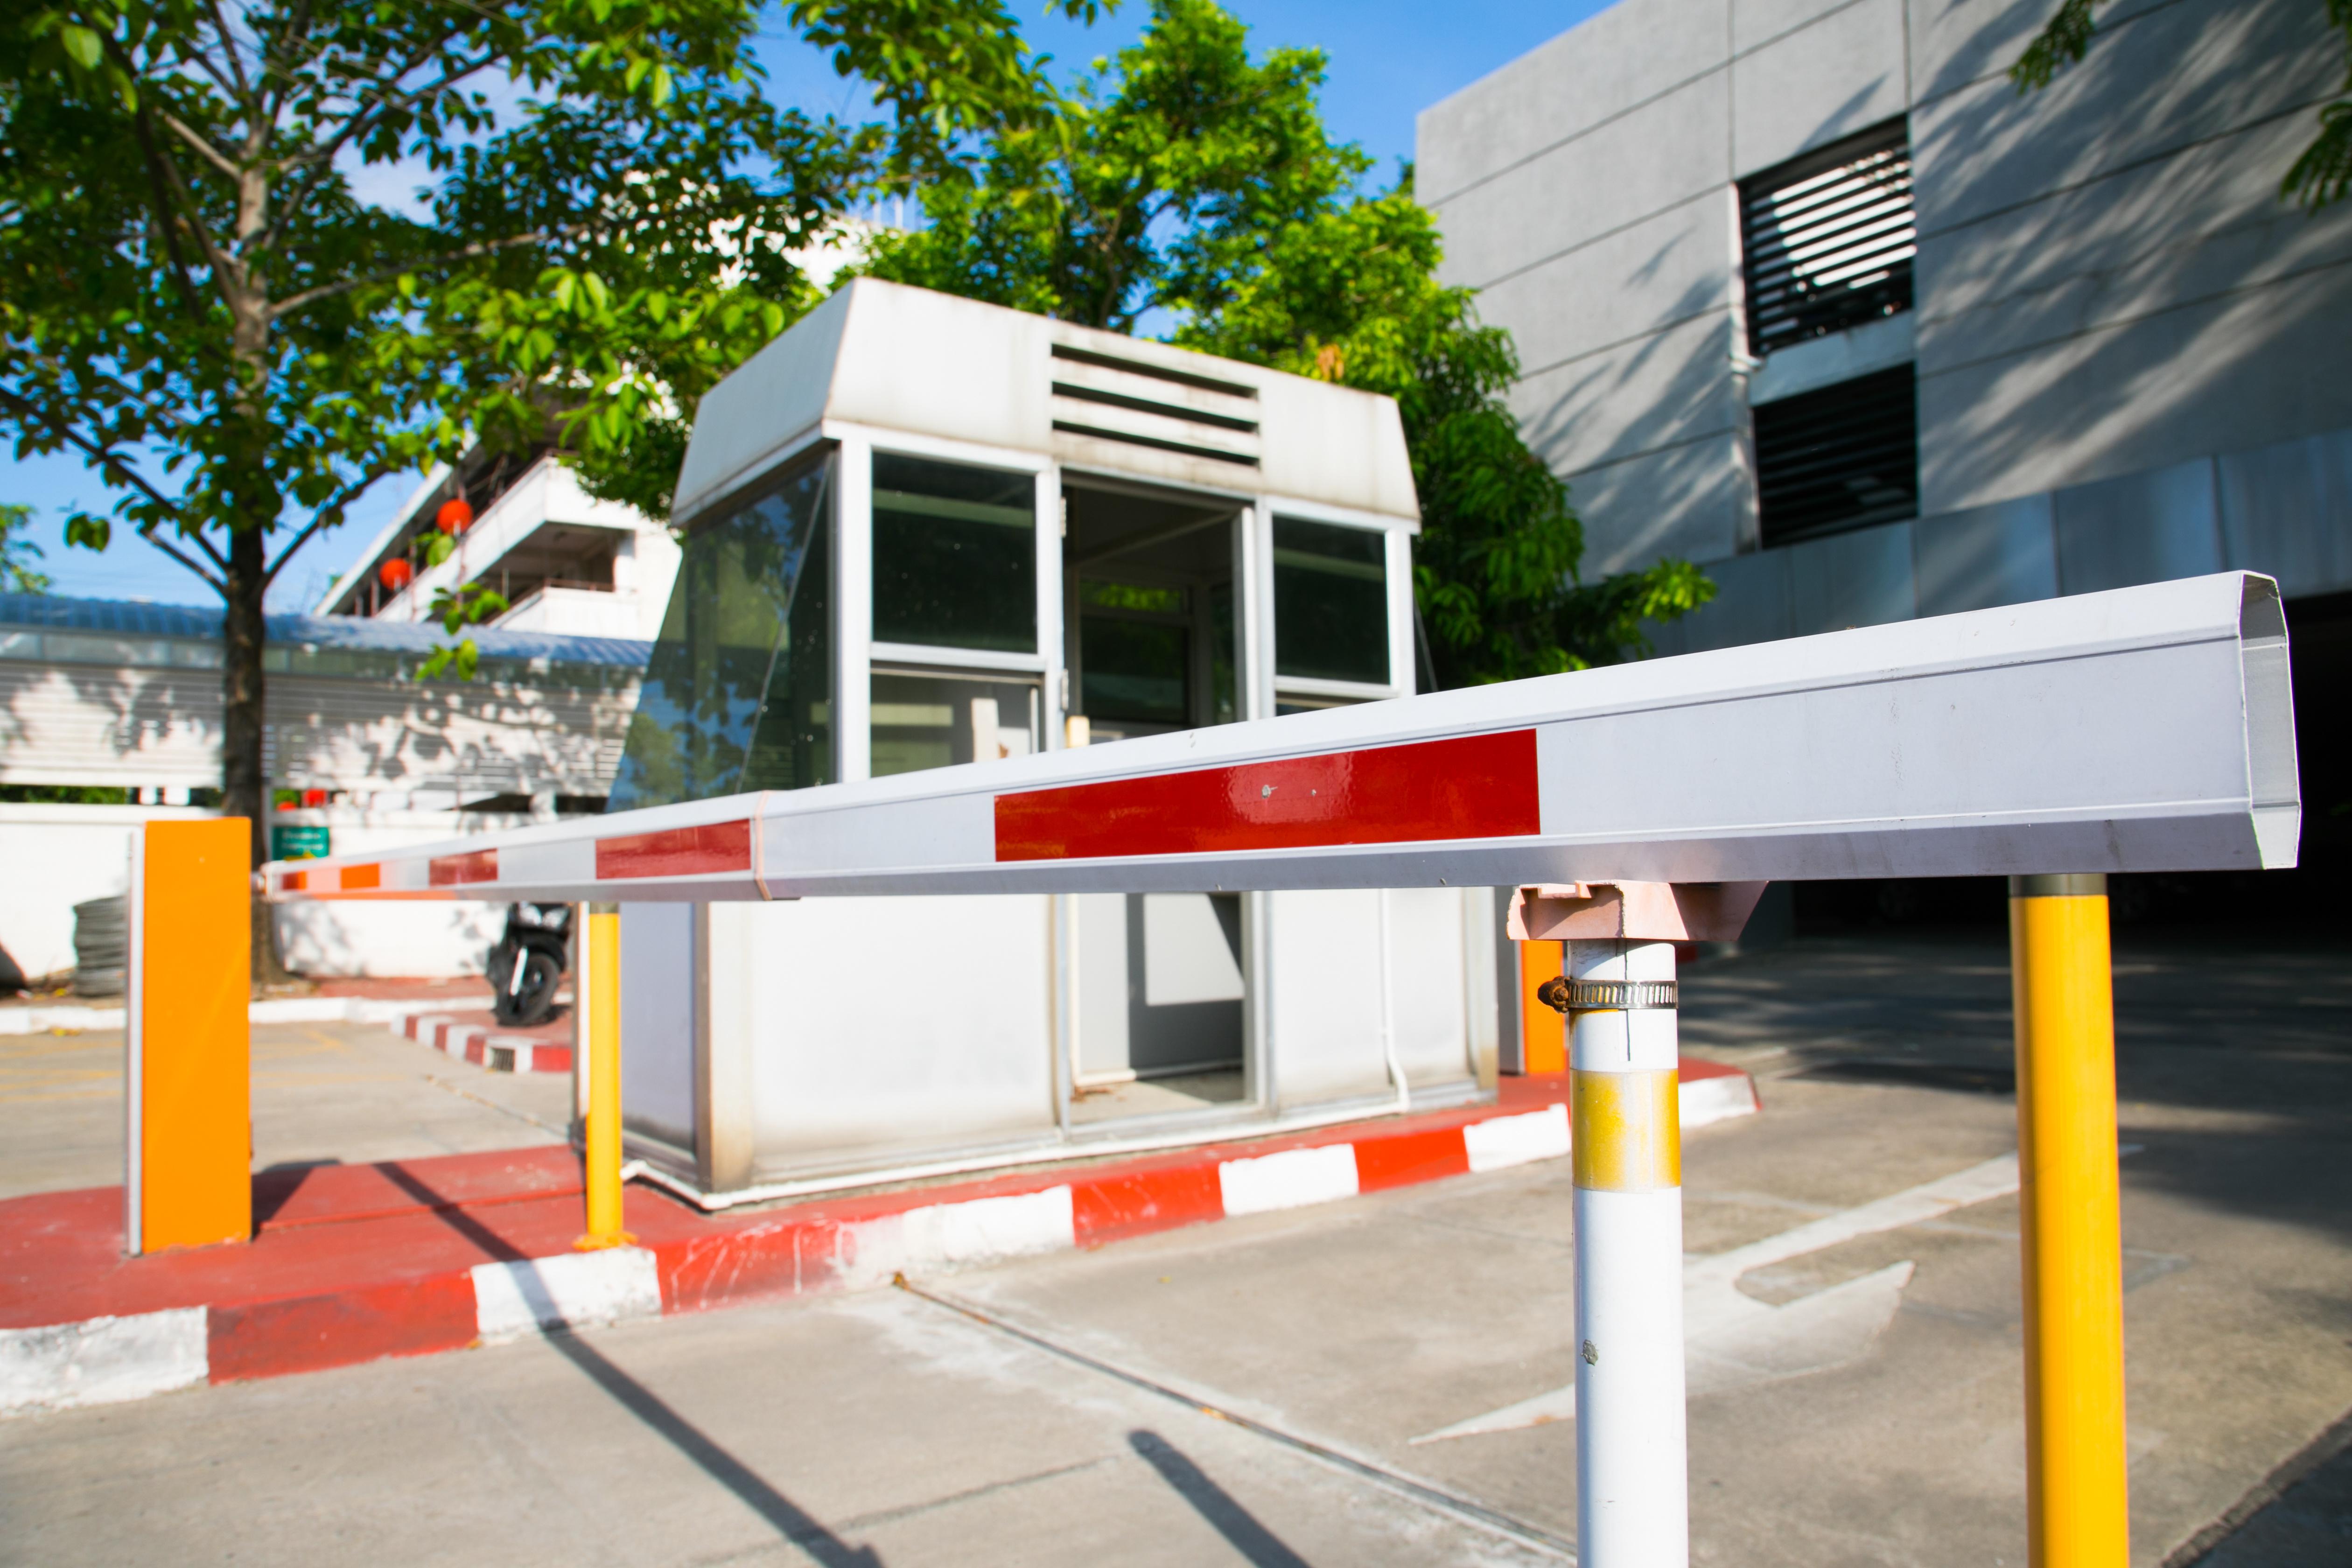 Barrière motorisée contrôle d'accès FAAC, BFT, CAME